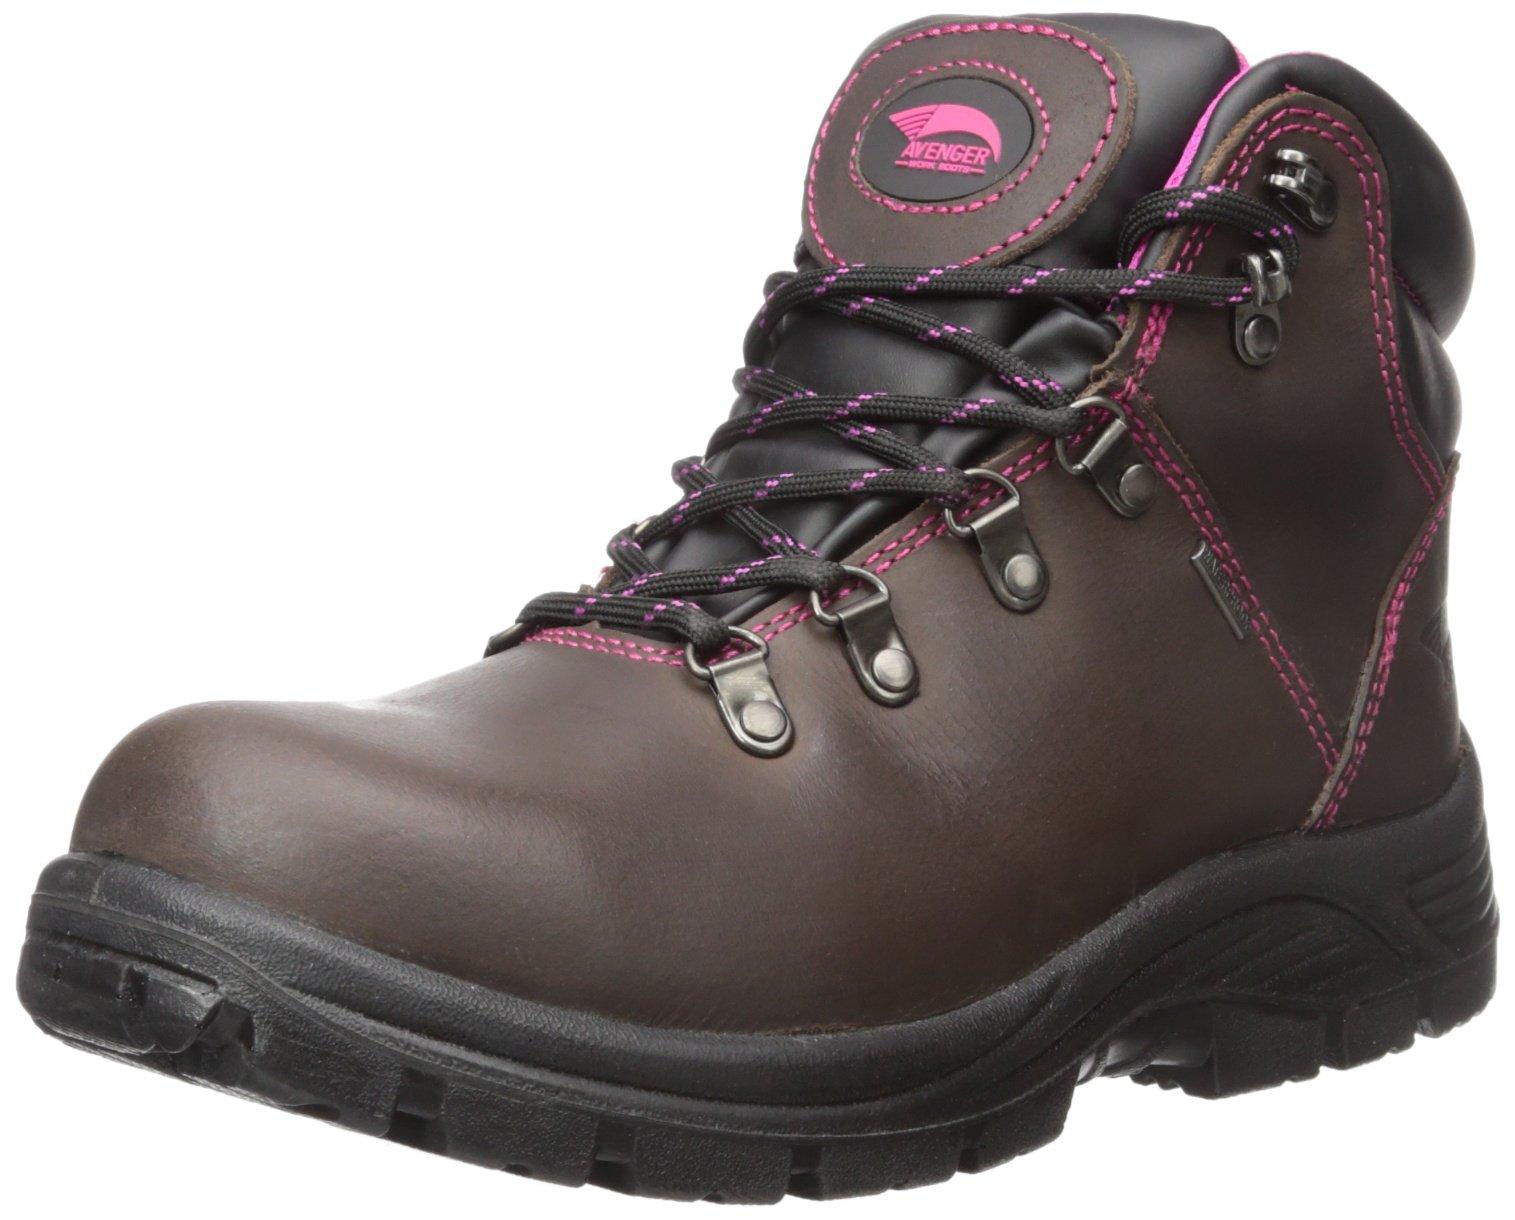 Avenger Safety Footwear Women's 7125-W, Brown, 8.5 M US